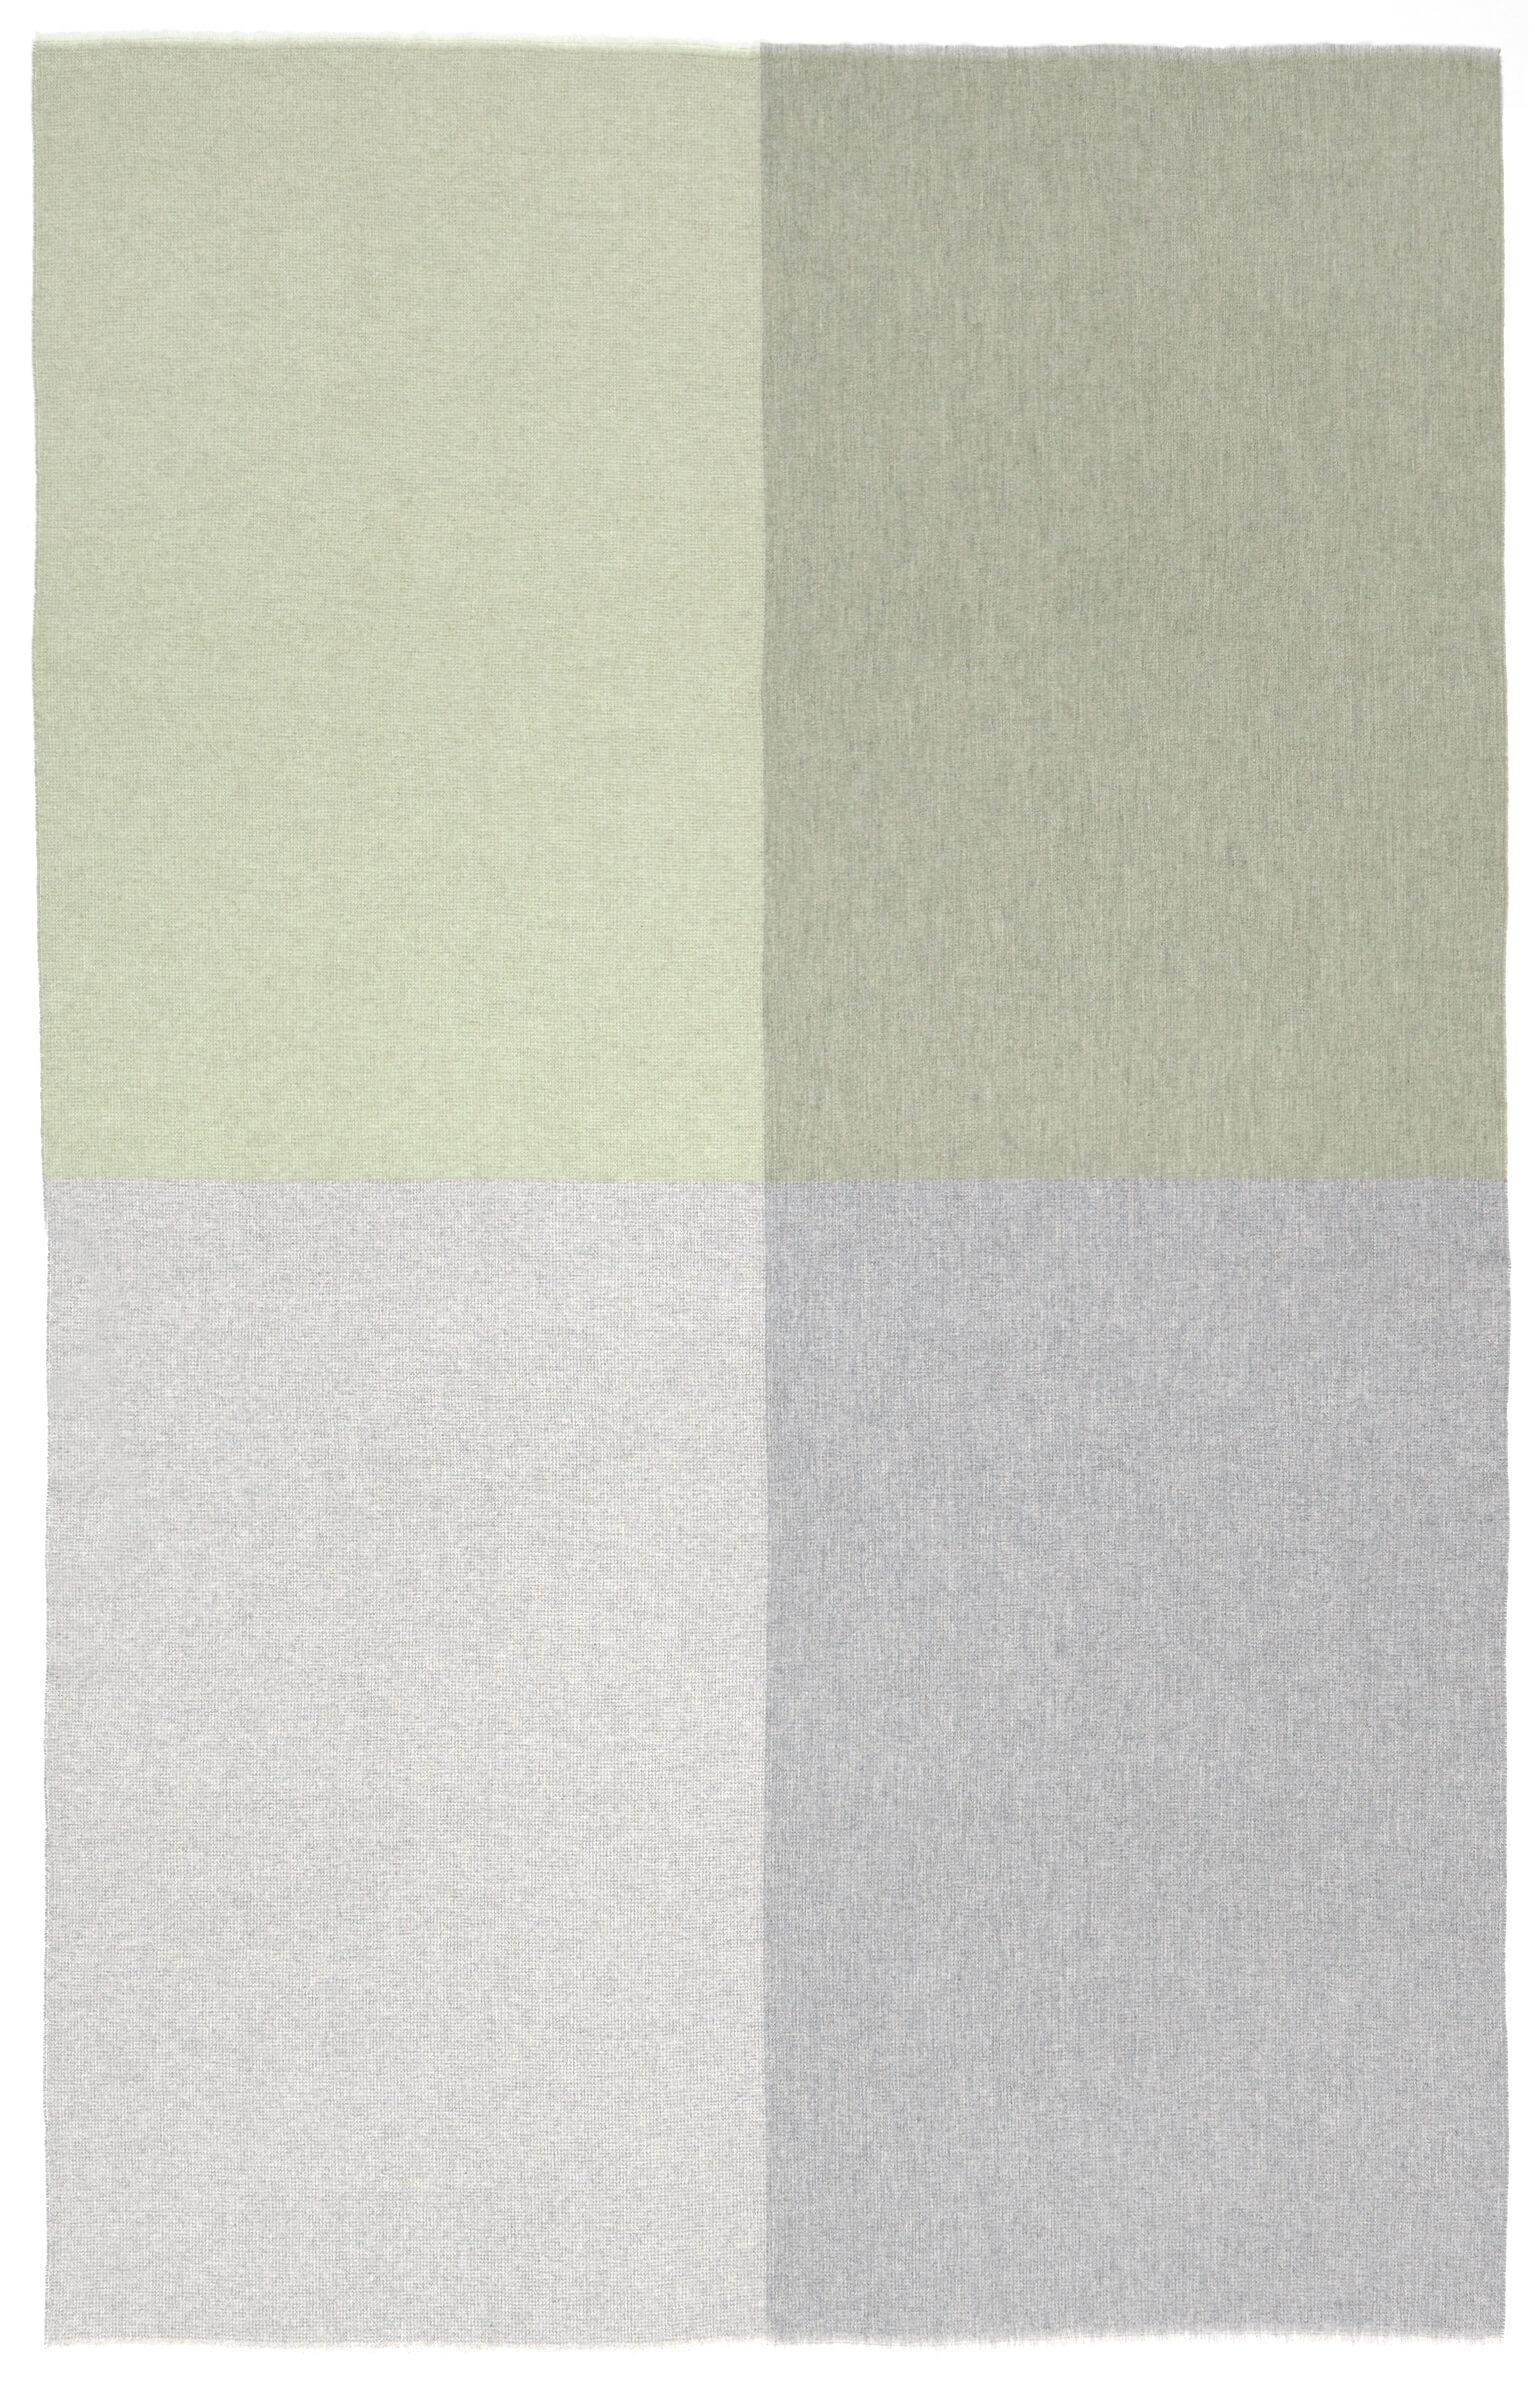 Bild von Mayfair106, Variante salbei-silber